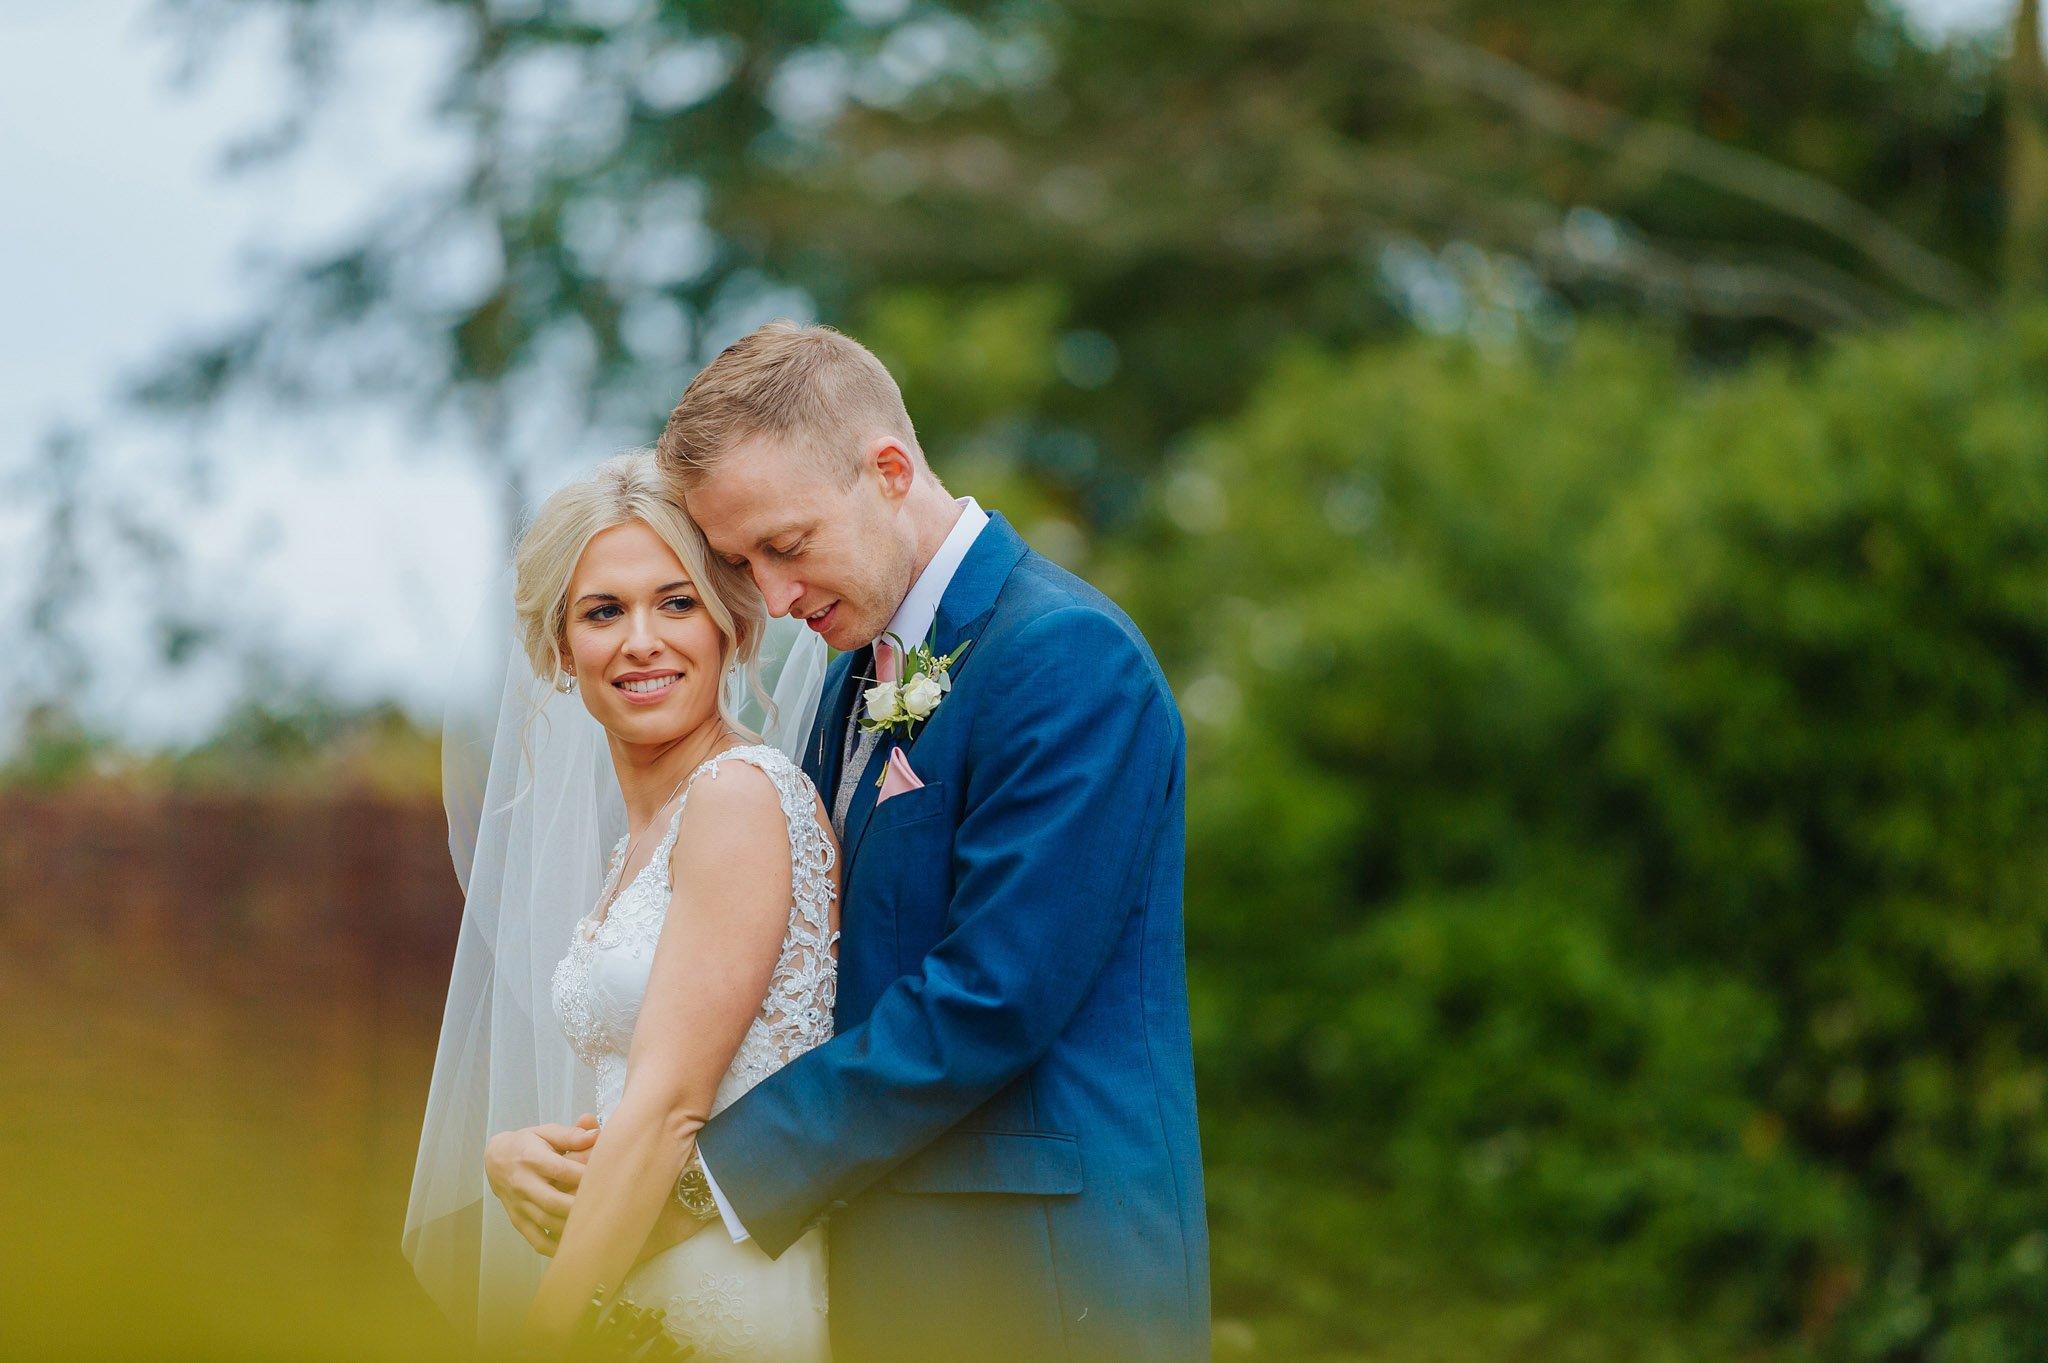 Lemore Manor wedding, Herefordshire - West Midlands | Sadie + Ken 77